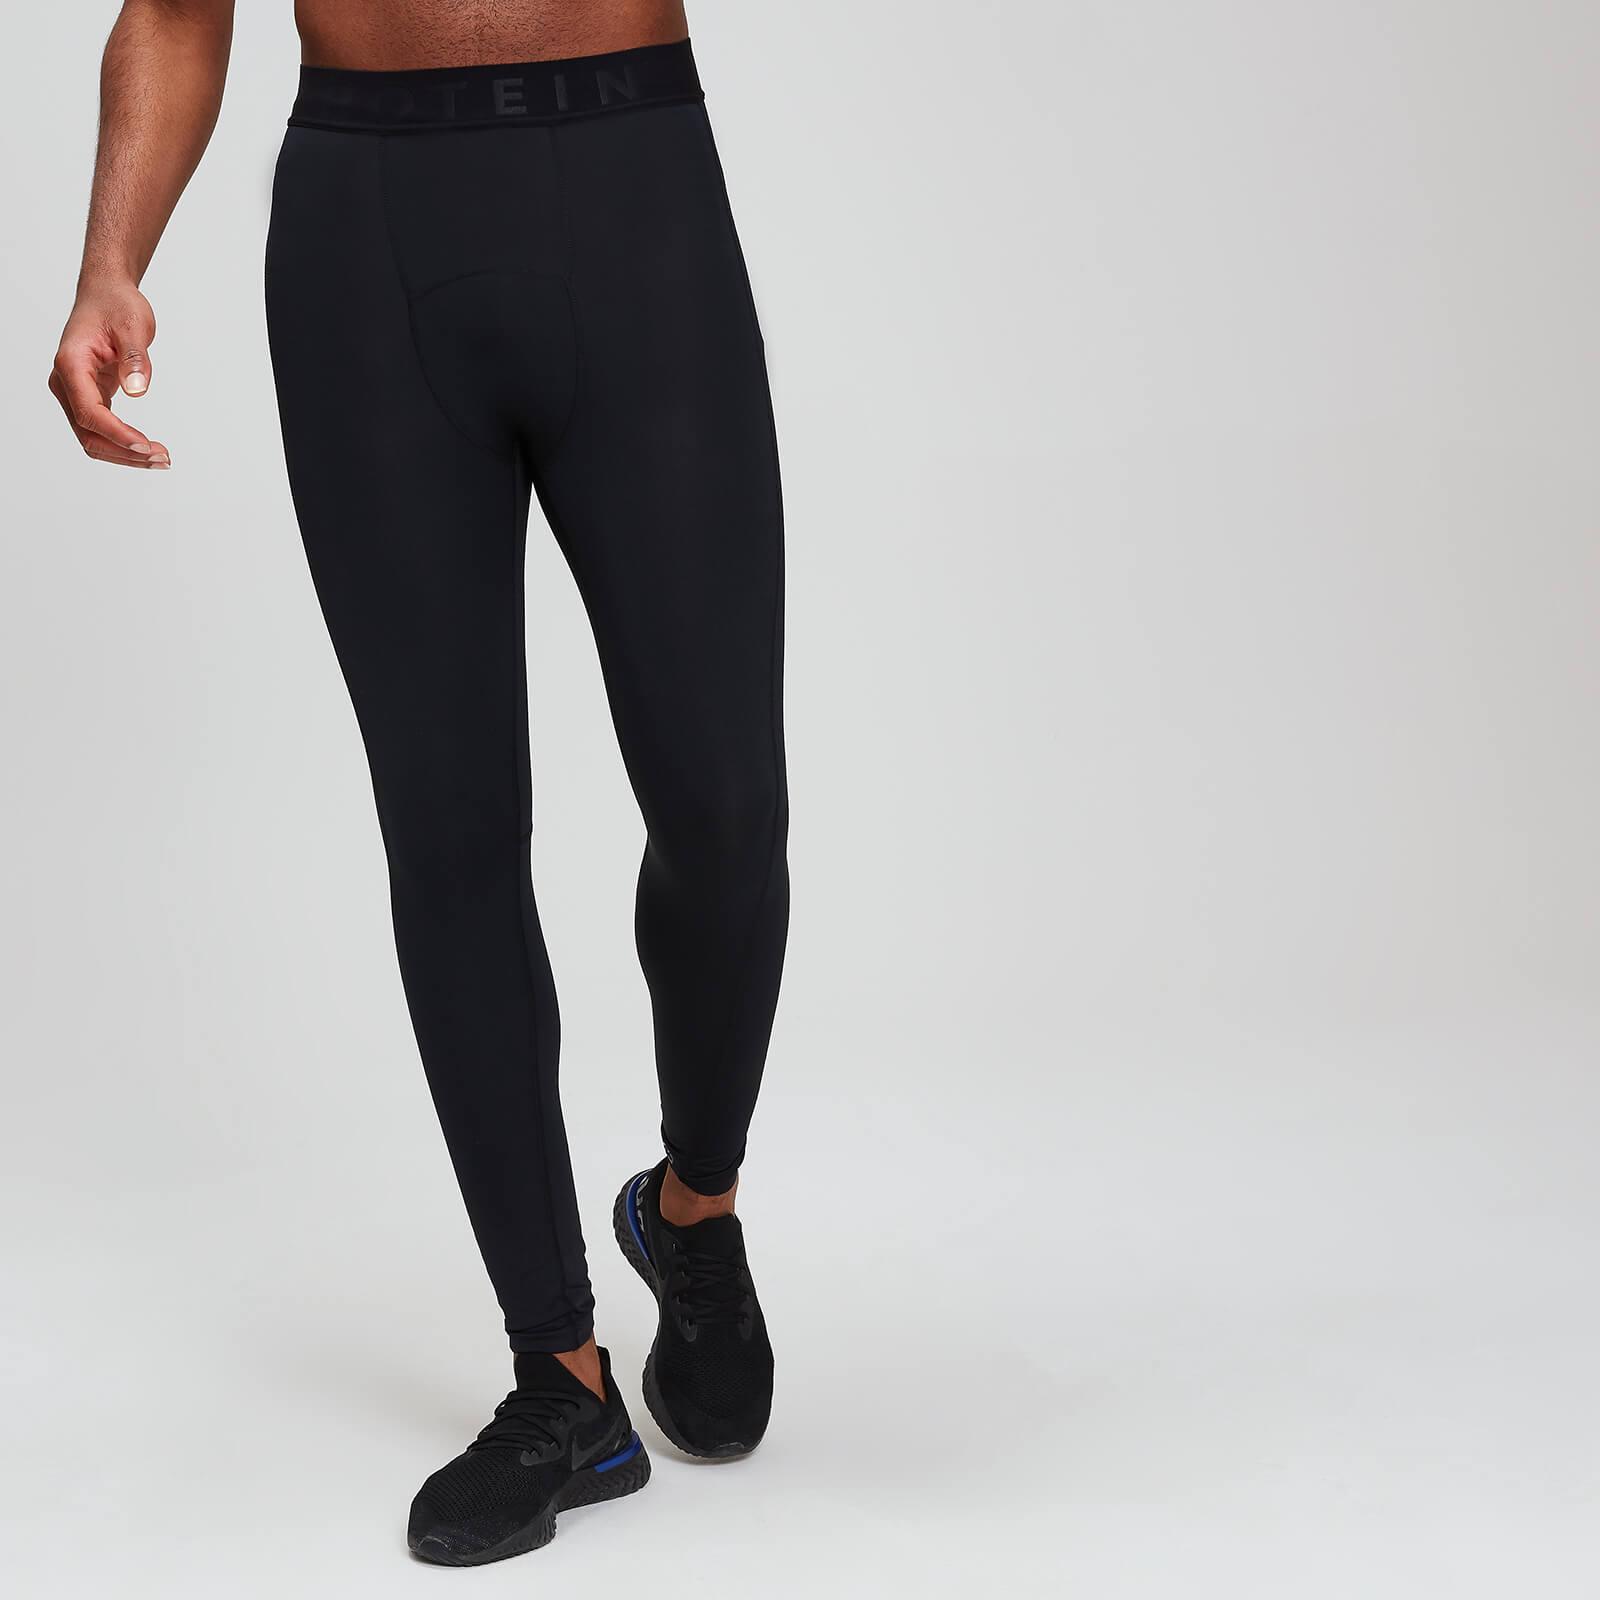 Legging d'entraînement base MP Essentials pour hommes – Noir - XXXL